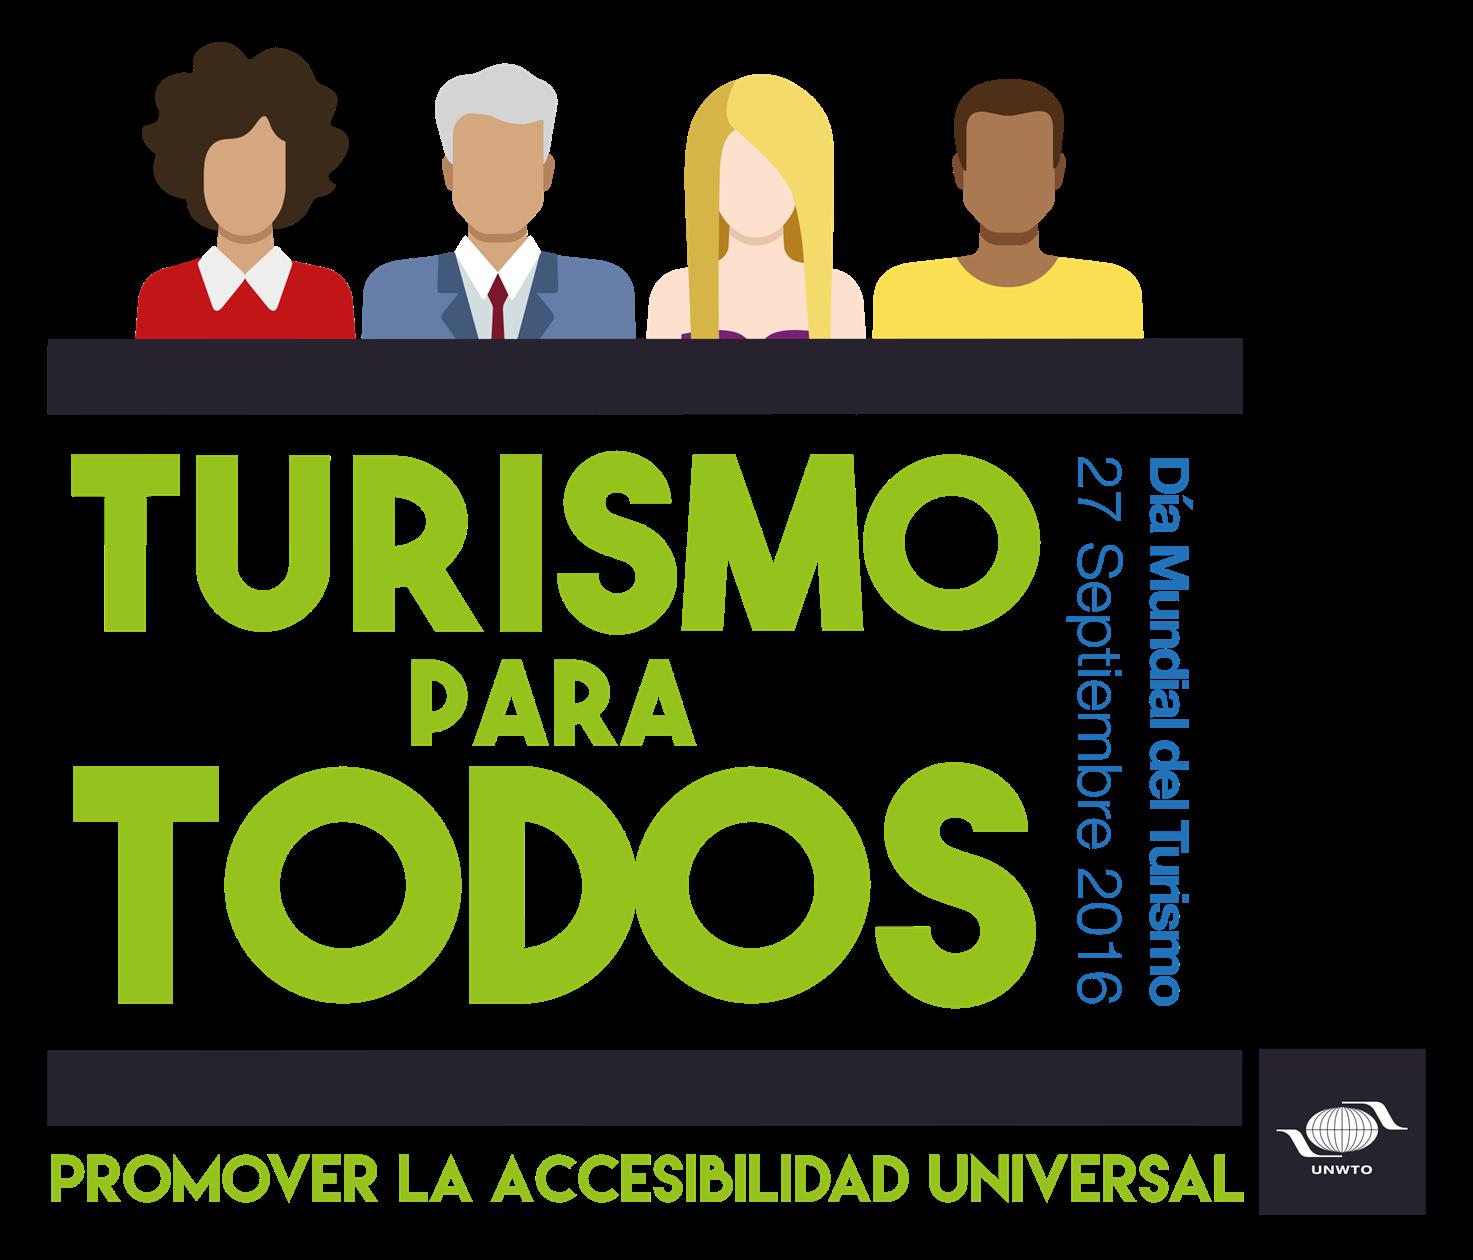 dia mundial turismo 2016